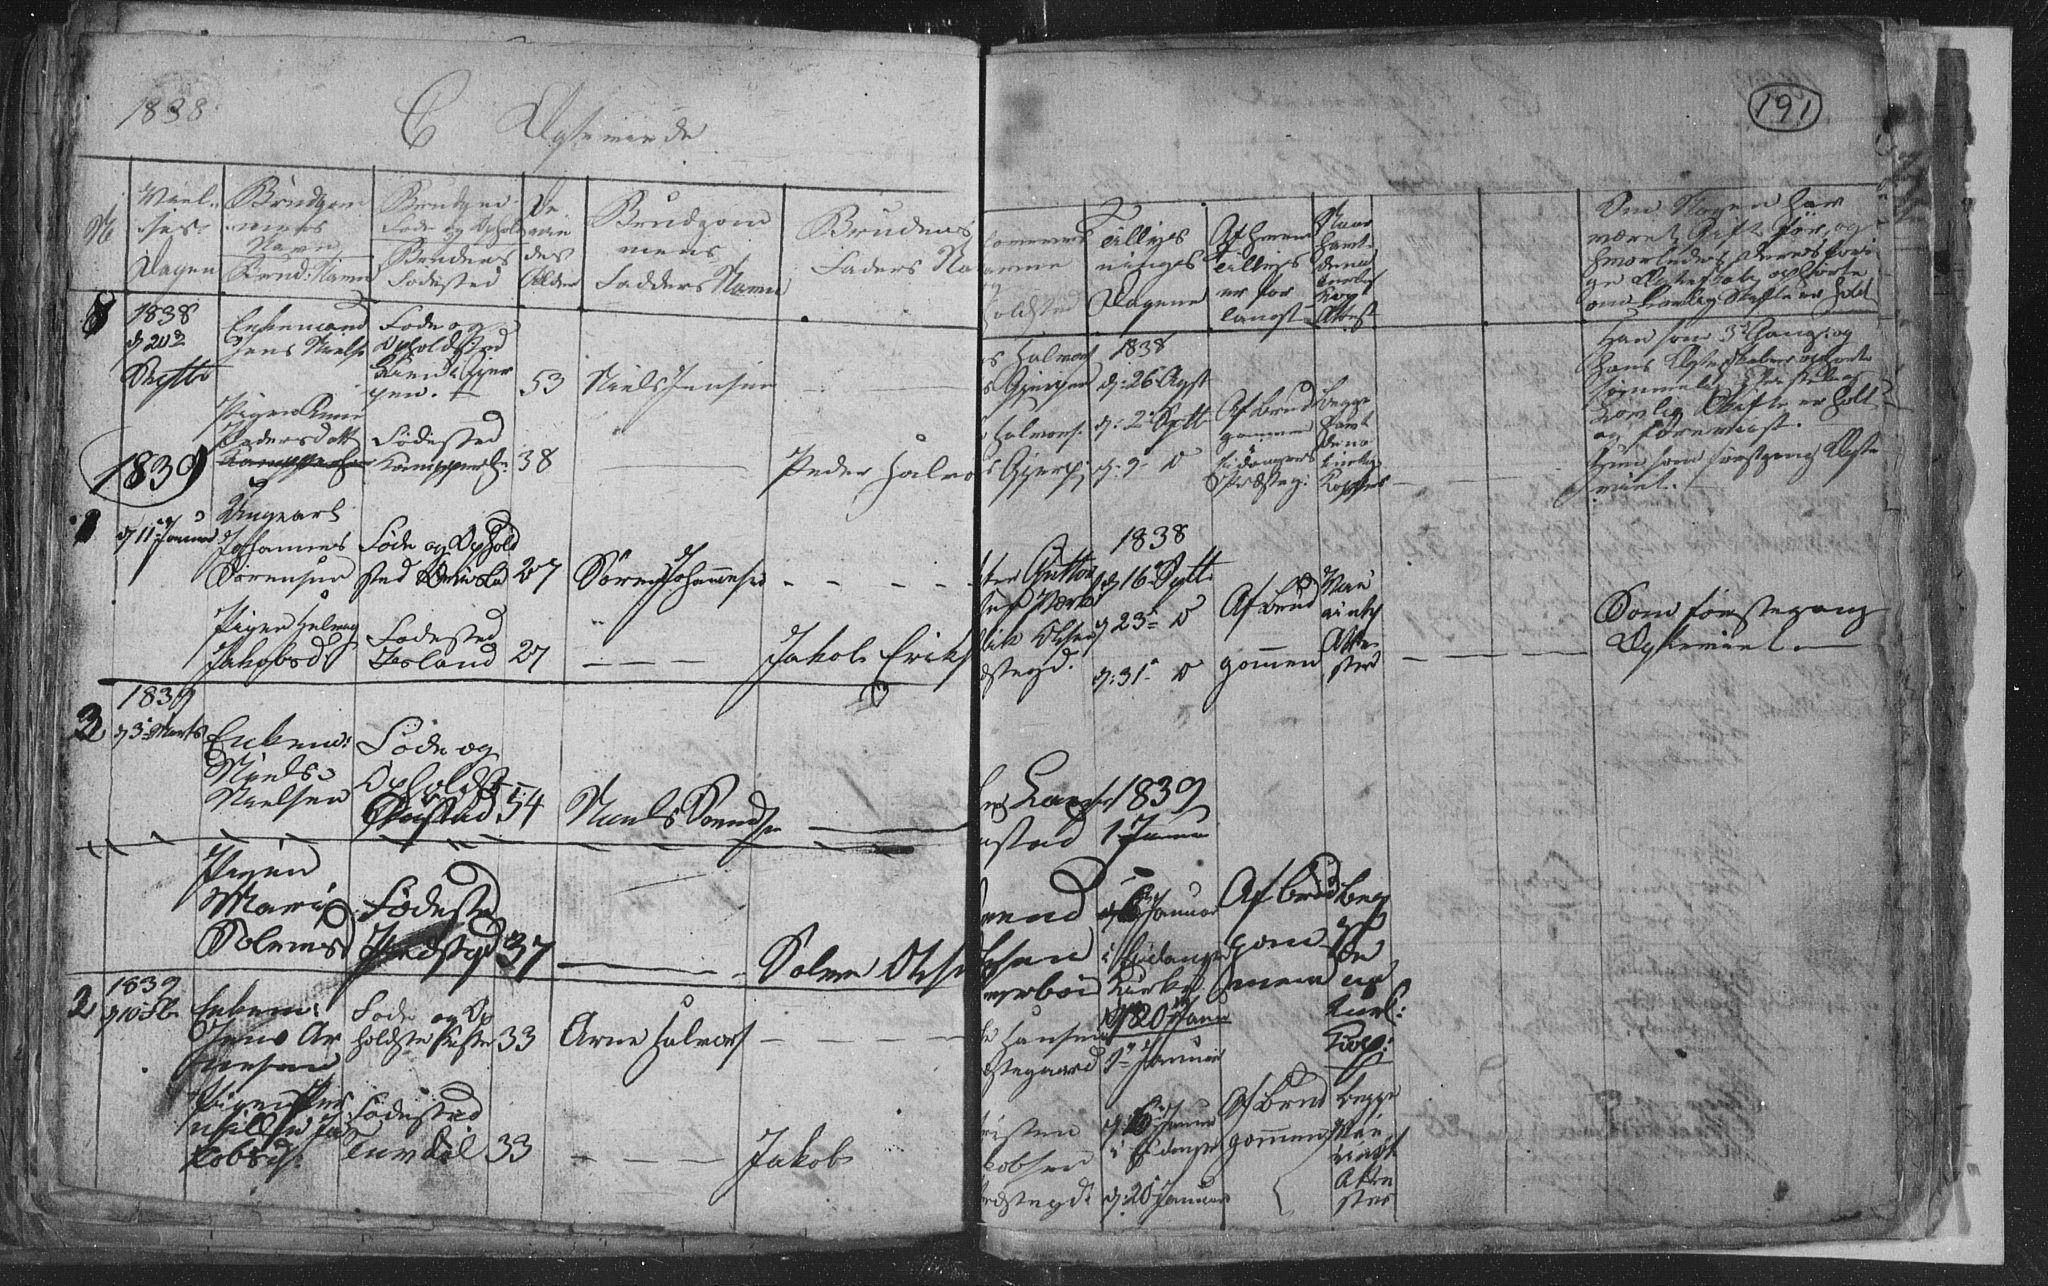 SAKO, Siljan kirkebøker, G/Ga/L0001: Klokkerbok nr. 1, 1827-1847, s. 191